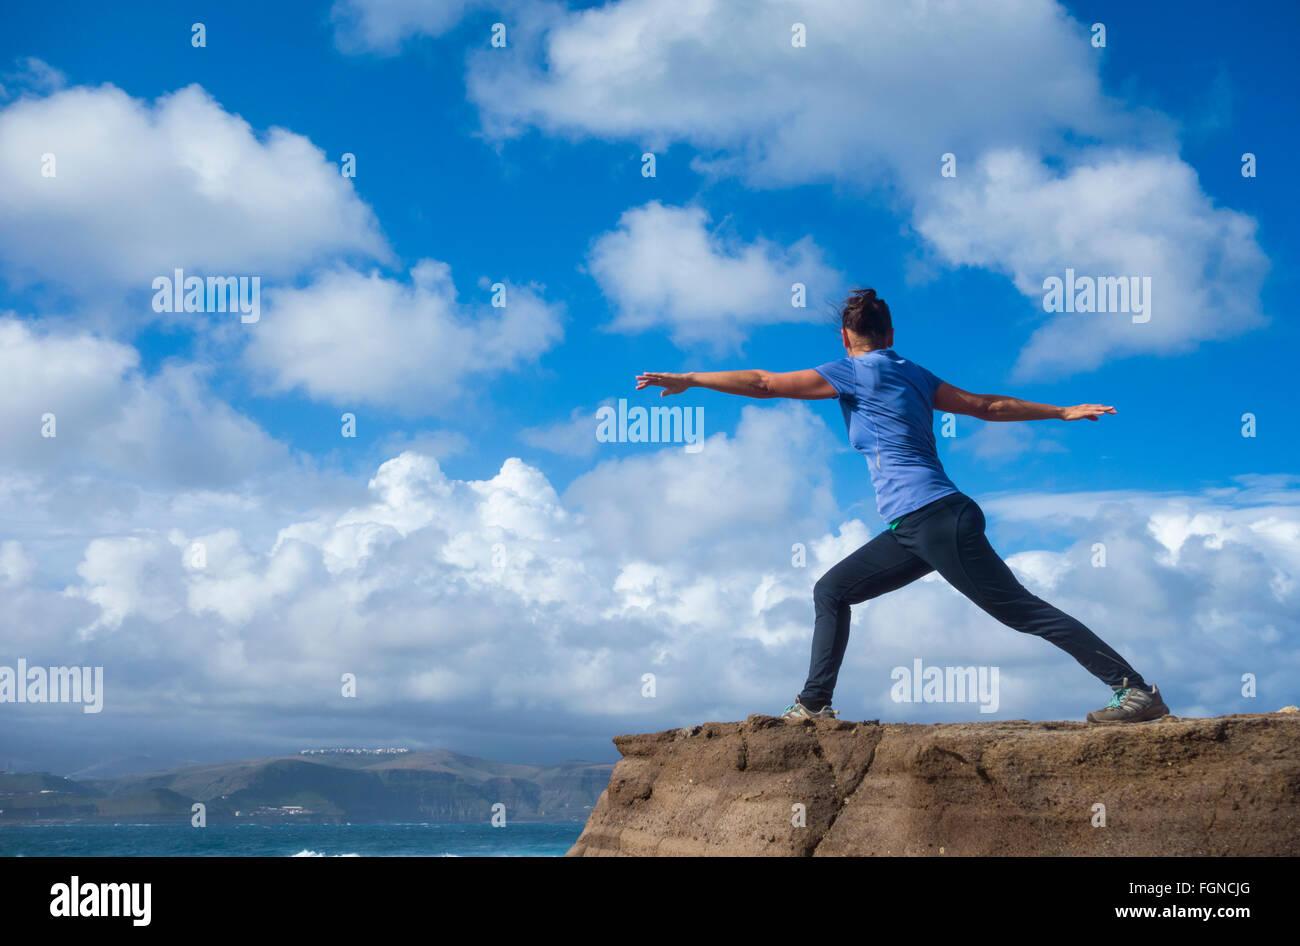 Femelle adulte jogger l'échauffement avec des exercices d'étirement du Yoga sur le rocher surplombant Photo Stock